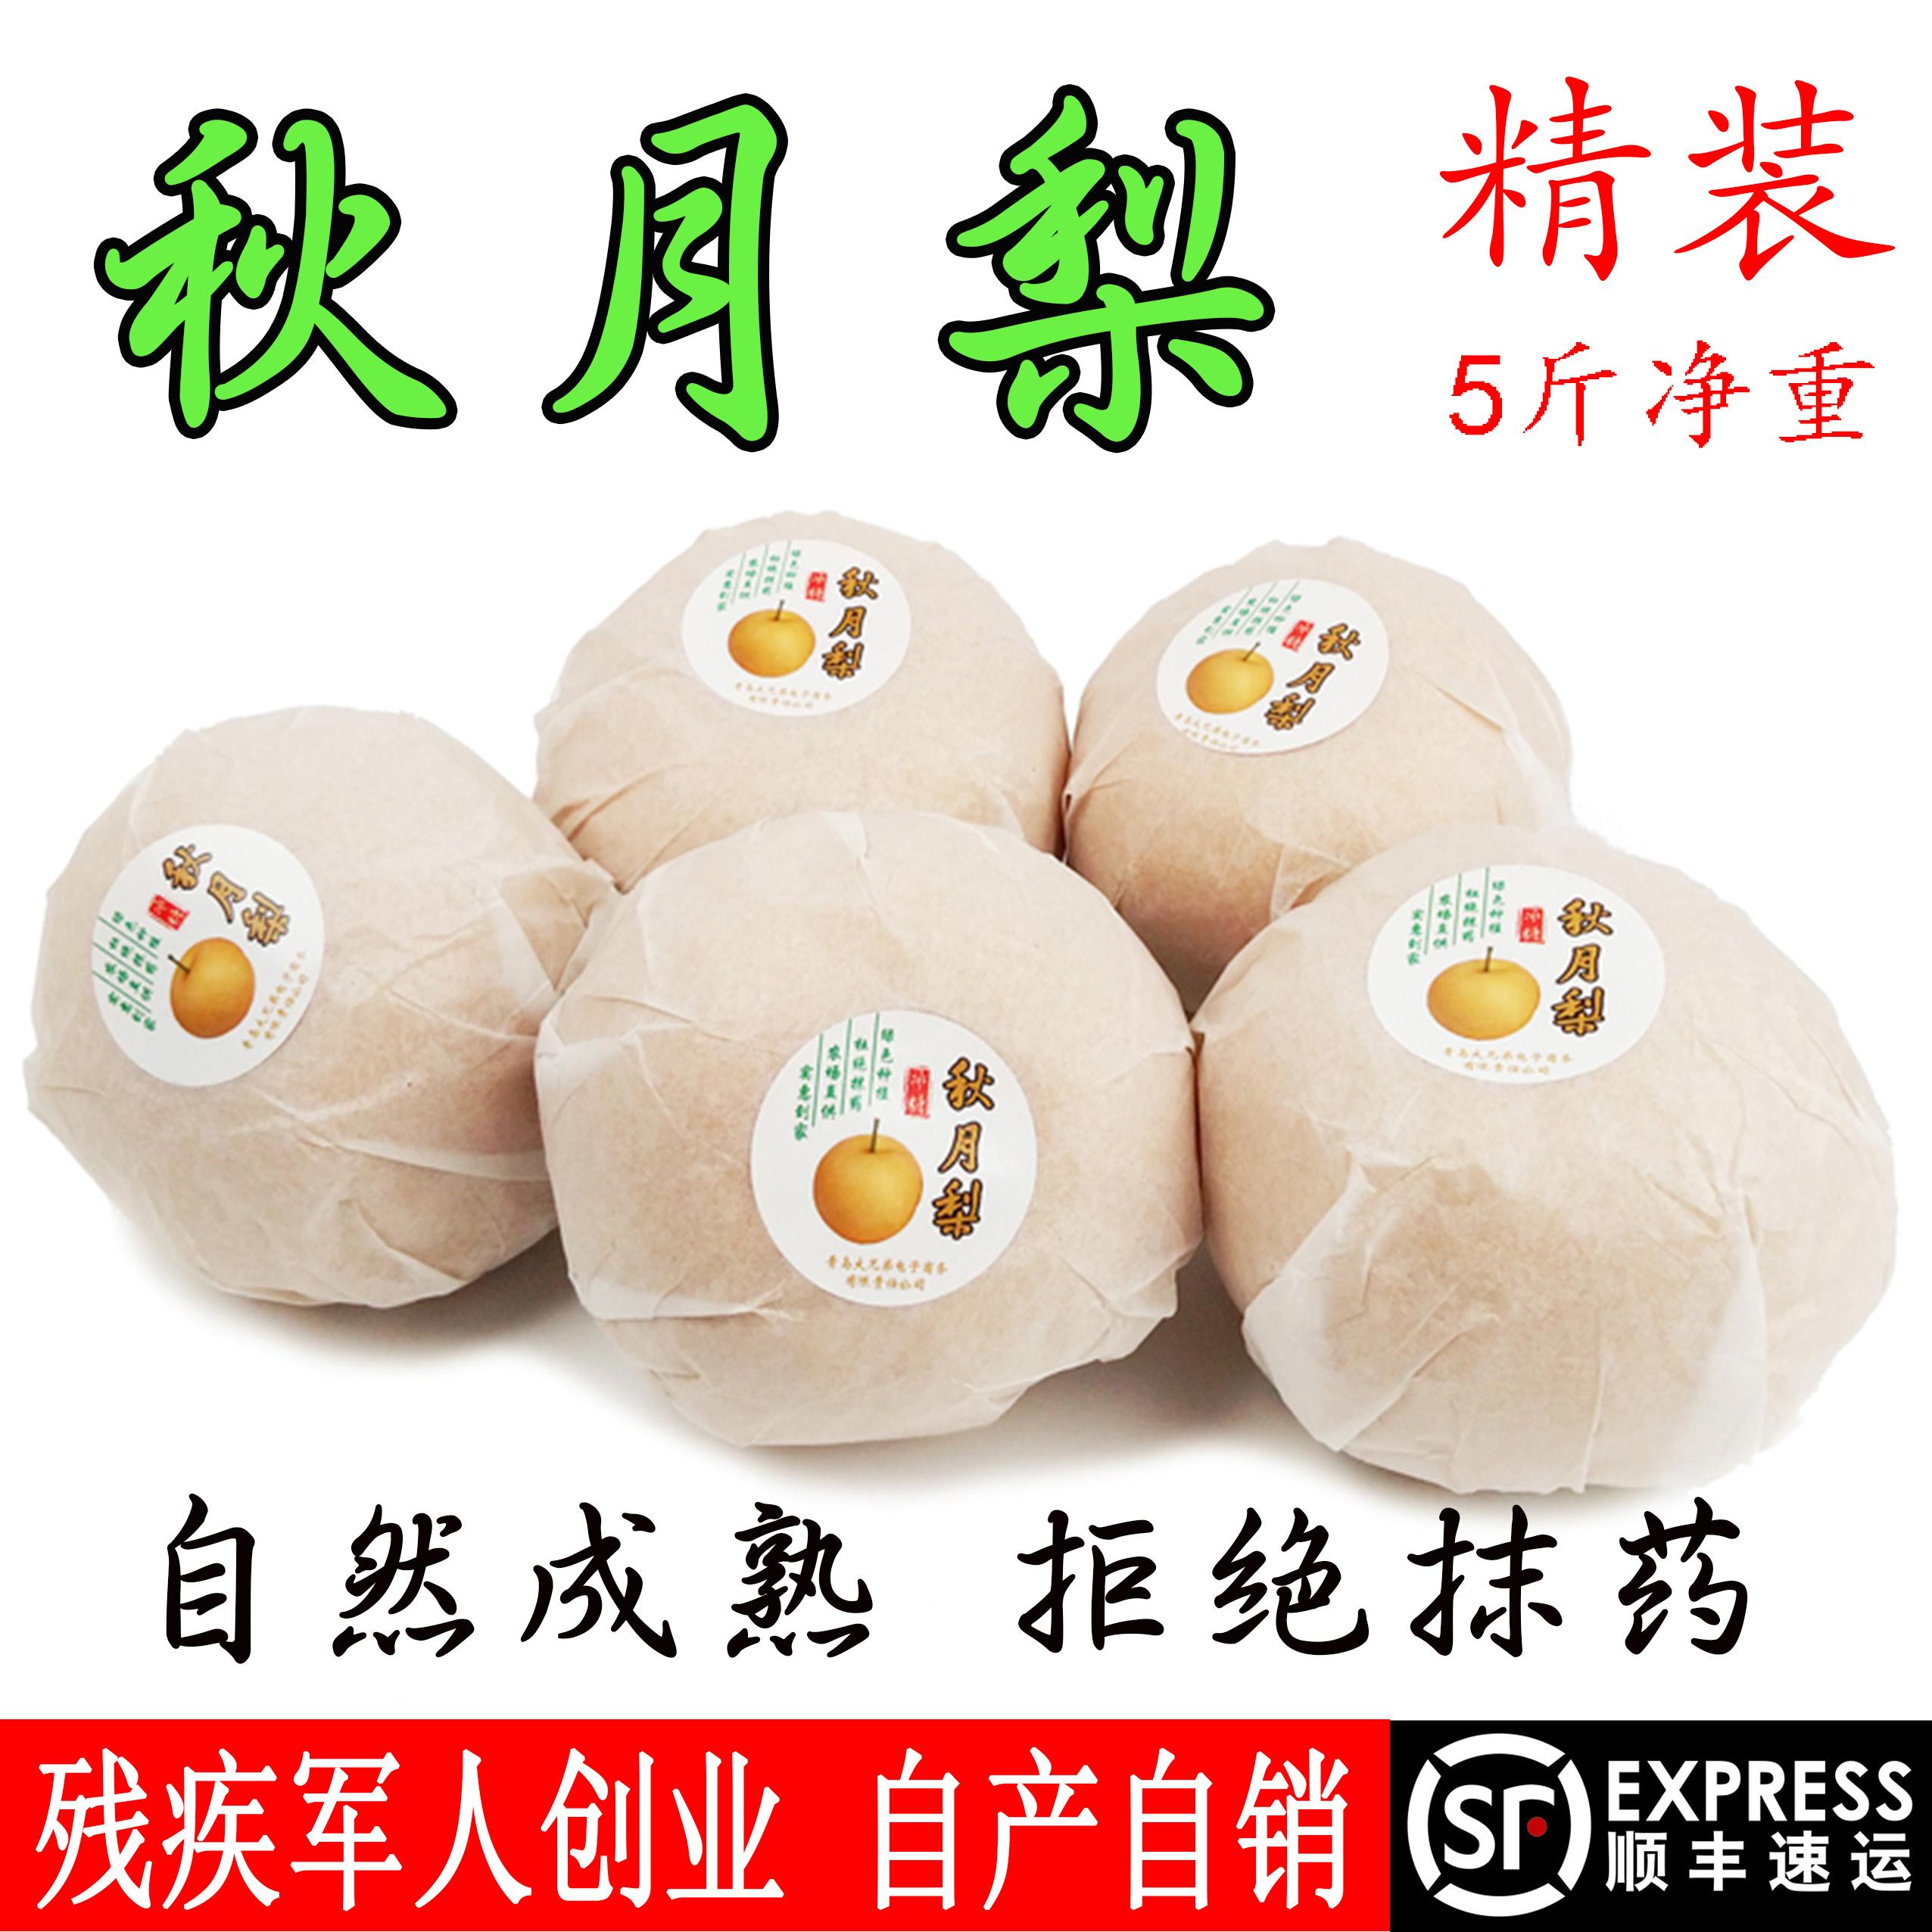 秋月梨冰糖蜜梨凰新鲜水果5斤包邮非丰水砀山雪皇冠酥软山东特产